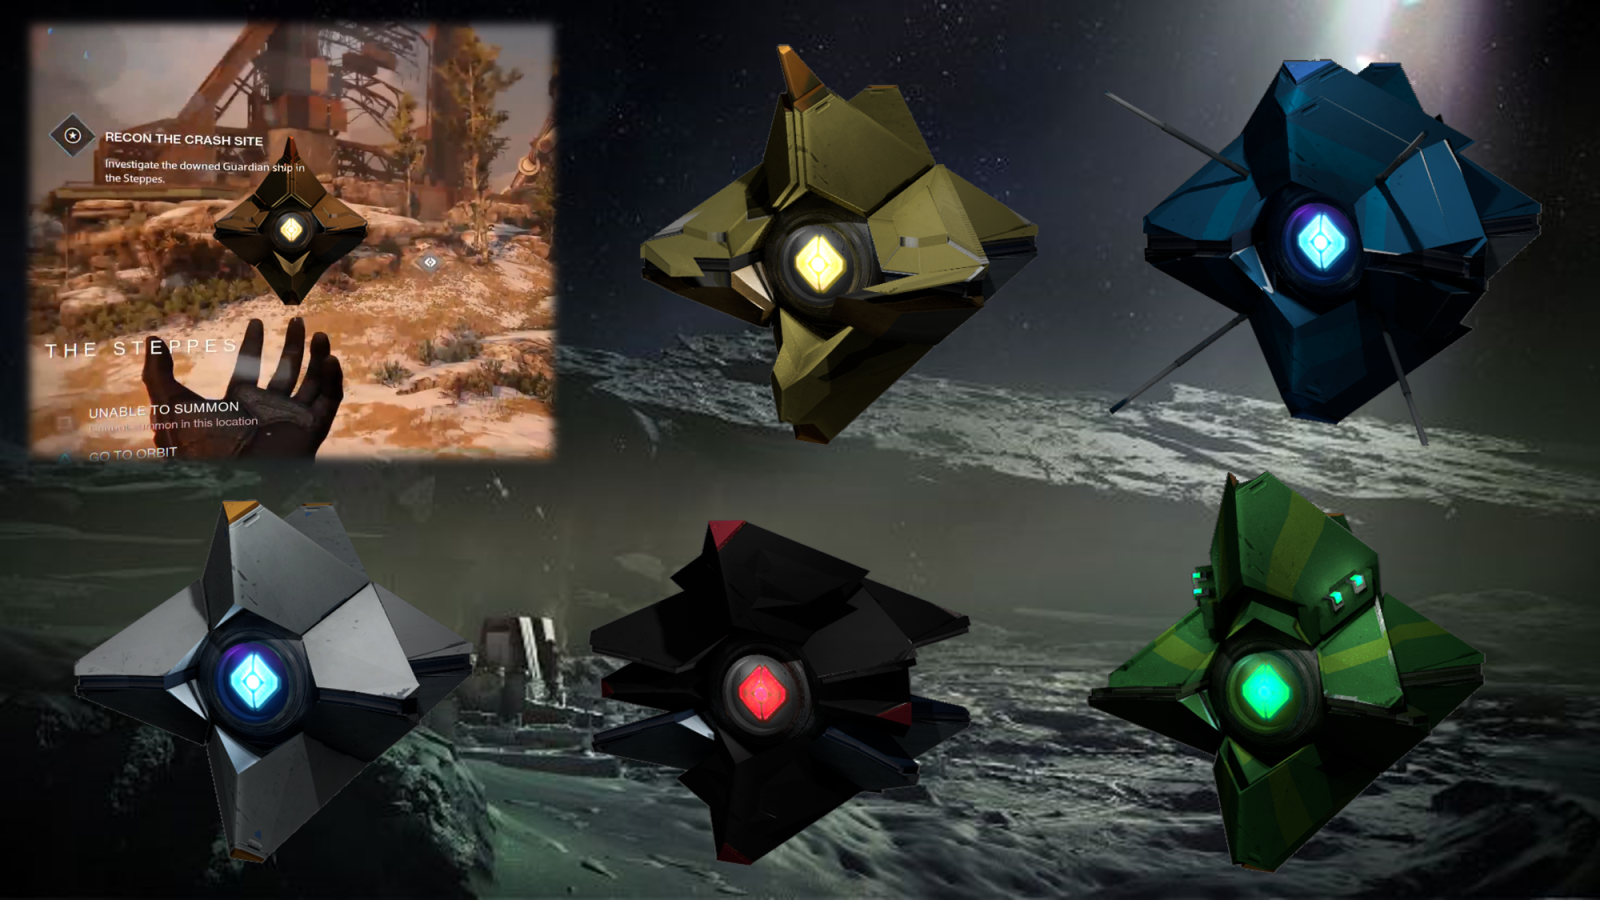 Fan Made Ghost Shells Destiny Game Concept Art Art